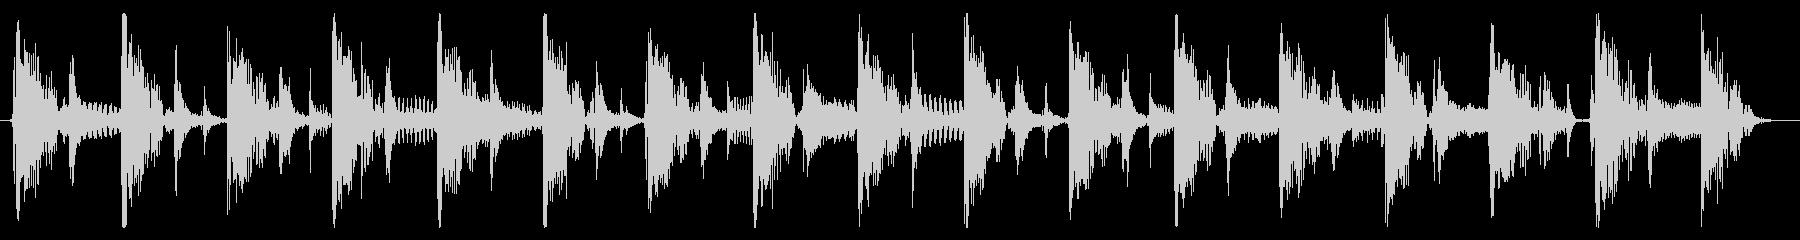 ベース生演奏のクールスラップジングル02の未再生の波形